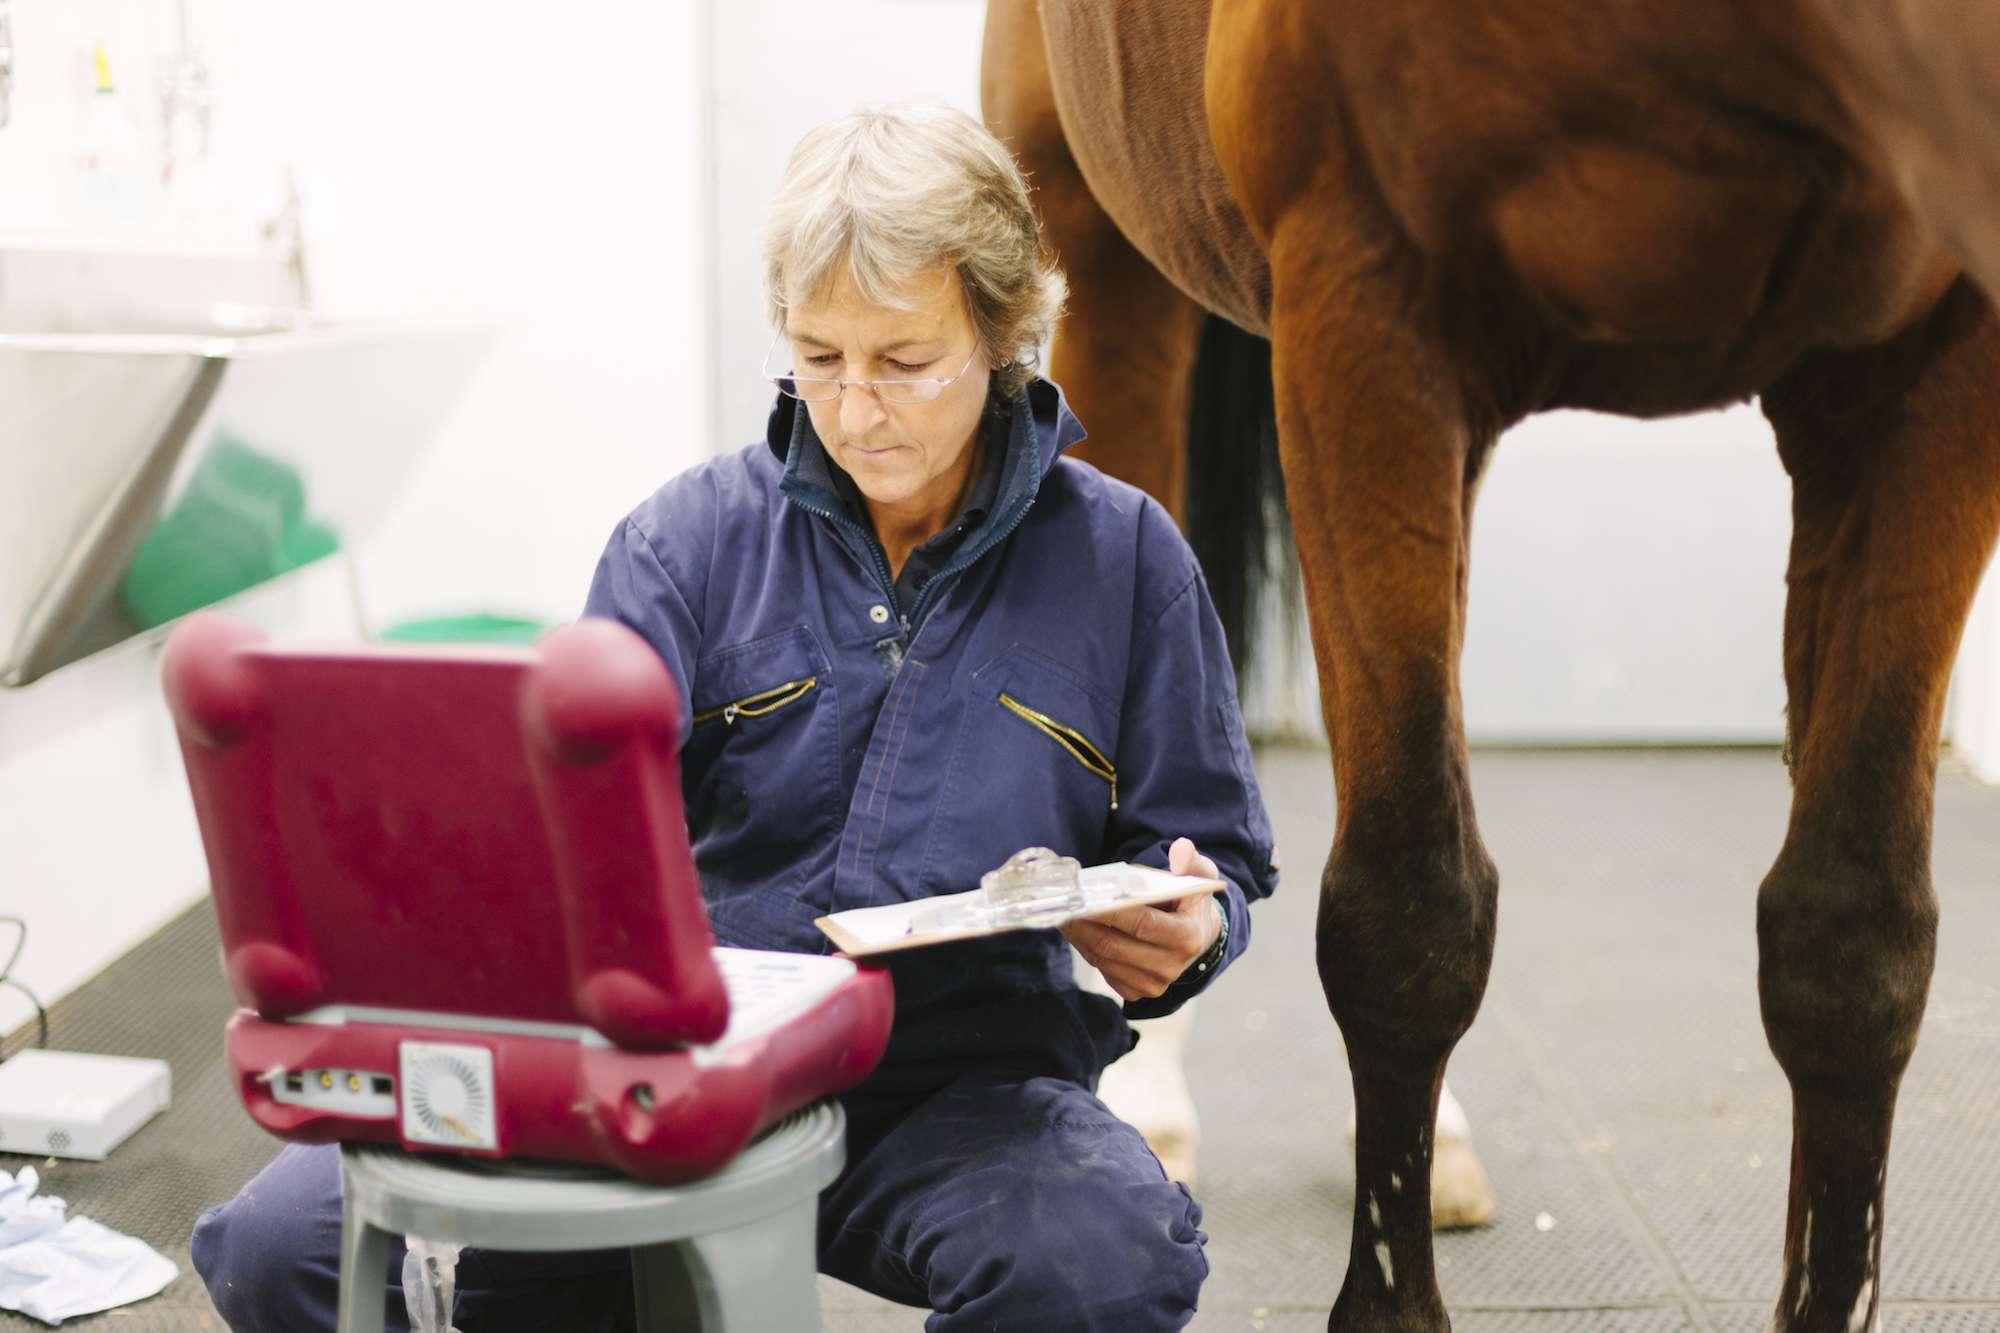 Un cirujano veterinario se prepara para realizar un examen ultrasónico del fetlock de un caballo.  Hospital Veterinario Coombefield, Granja Summerleaze, Axminster, Devon.